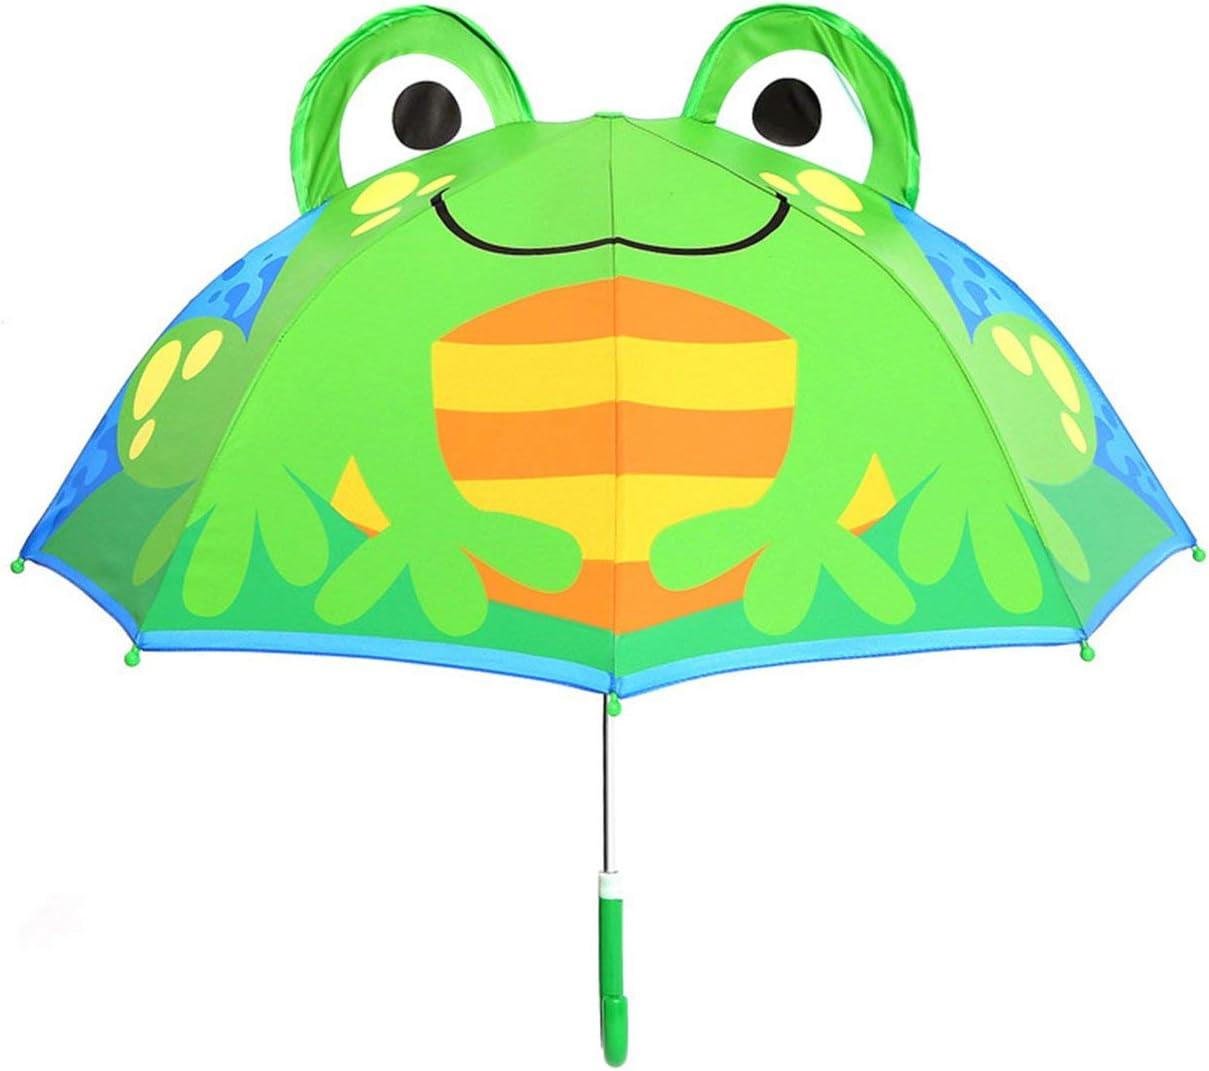 Couleur: Multicolore m/élang/é MachinYesell L/éger Dessin Anim/é Mignon Design Enfants Gar/çons Filles Parapluie R/ésistant au Vent UV Prot/éger Voyage Rain Parapluie Soleil